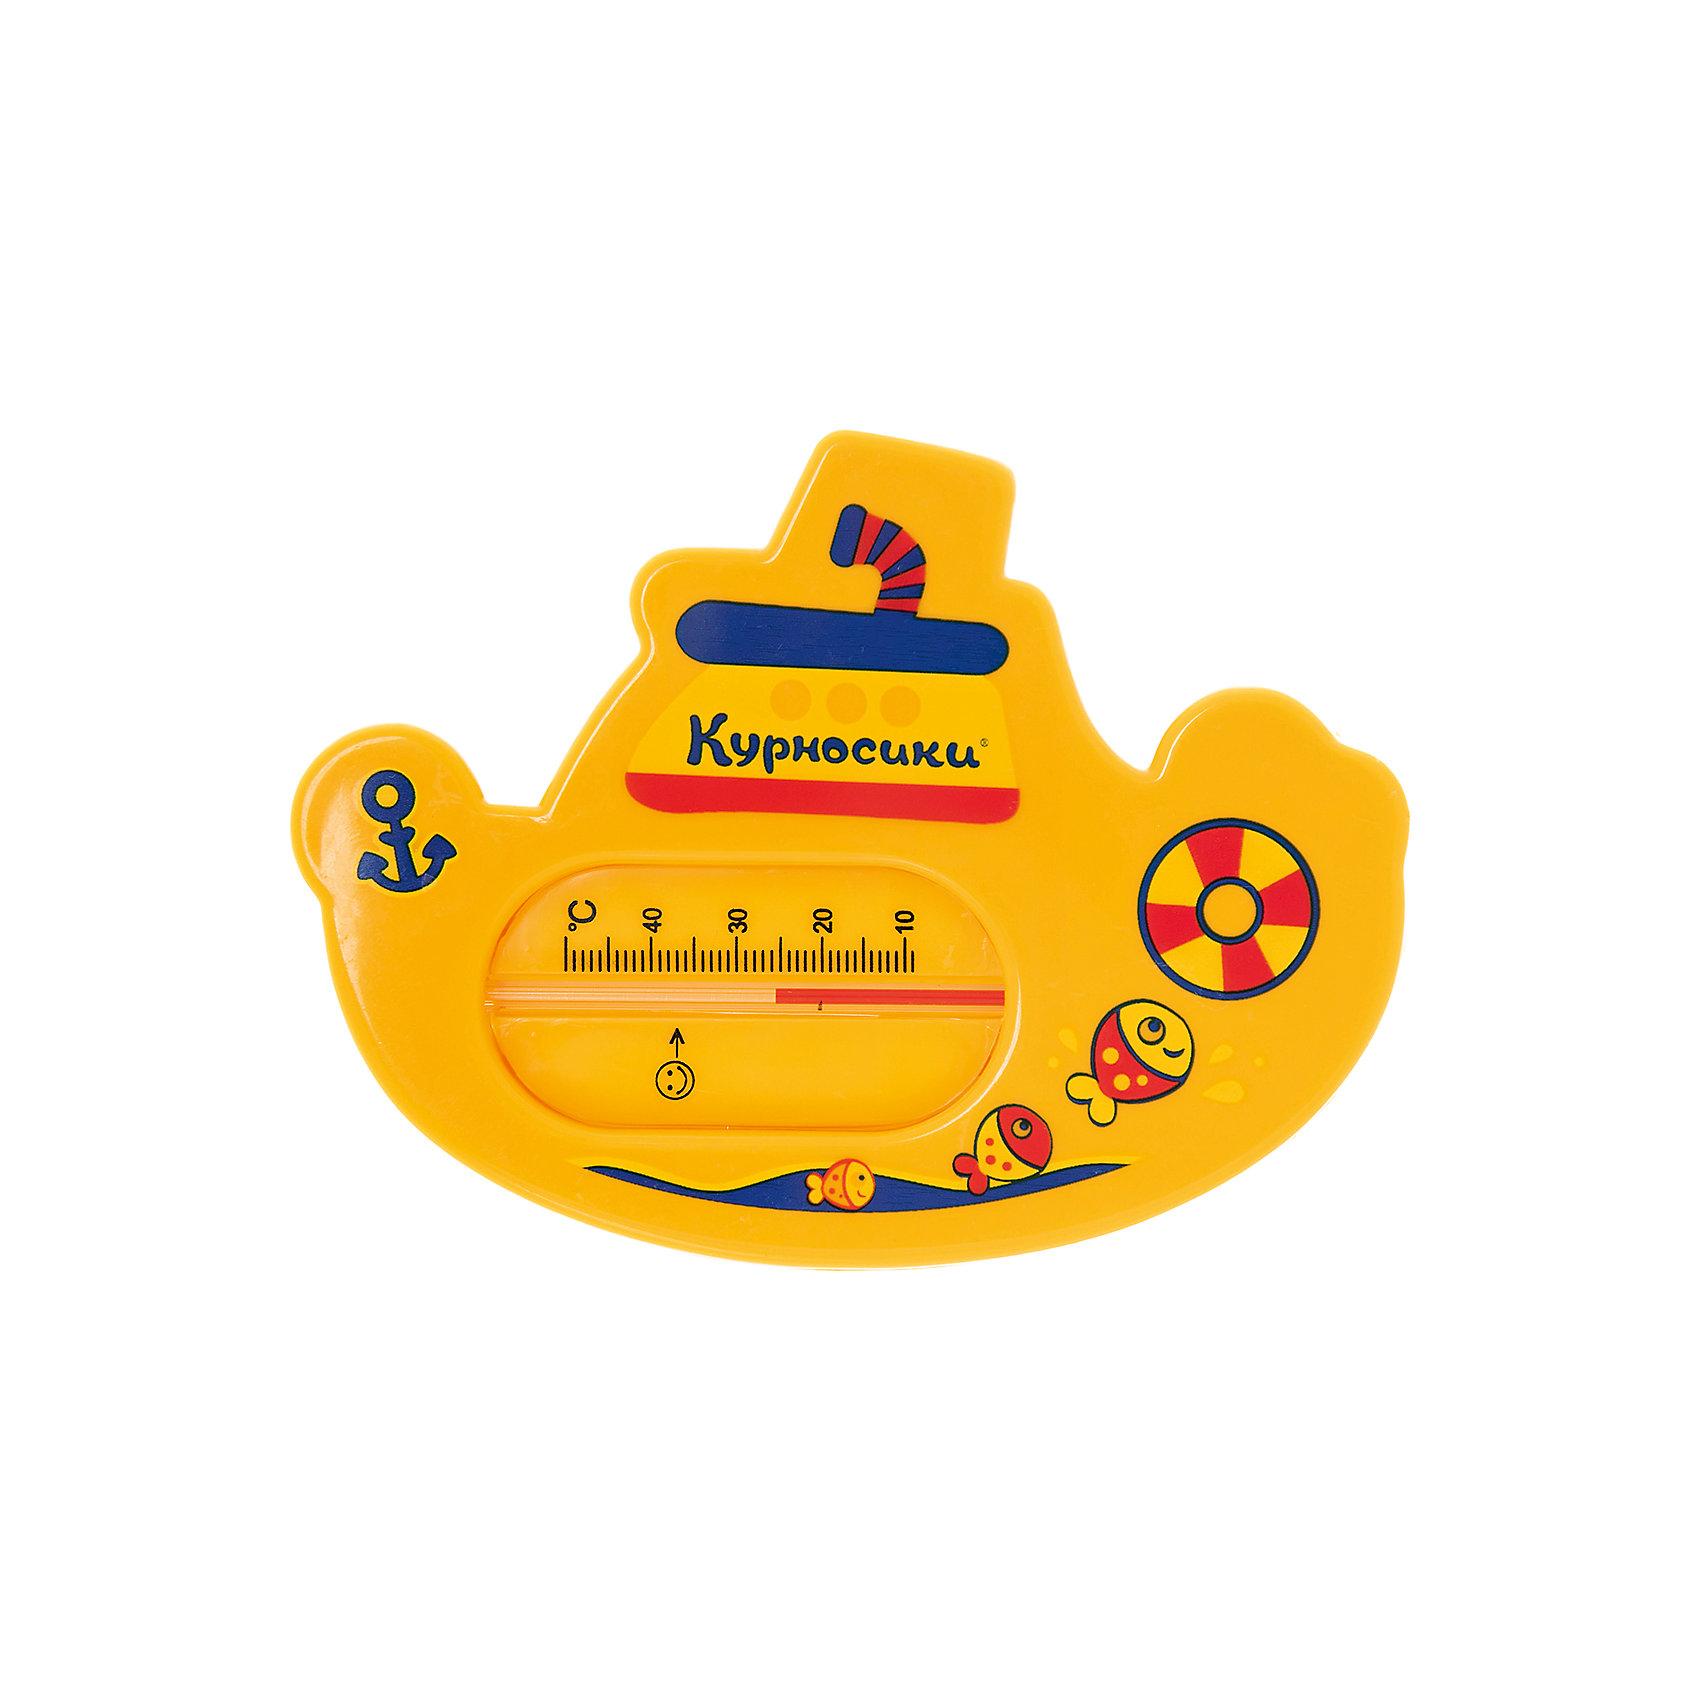 Термометр для ванны Пароходик, Kurnosiki, желтыйХарактеристики:<br><br>• Наименование: термометр для ванны<br>• Материал: пластик<br>• Пол: универсальный<br>• Цвет: желтый, голубой, оранжевый<br>• Форма: пароходик<br>• Тип шкалы: по Цельсию <br>• Максимальное значение: 50? С<br>• Минимальное значение: 9? С<br>• Нанесена отметка напротив оптимальной температуры для купания<br>• Ударопрочный корпус <br>• Не содержит ртути<br>• Отсутствие острых углов<br>• Вес: 100 г<br>• Параметры (Д*Ш*В): 10*5*10 см <br>• Особенности ухода: сухая и влажная чистка<br><br>Термометр для ванны Пароходик, Kurnosiki, желтый выполнен из ударопрочного пластика, не содержит ртути. Форма градусника представляет собой пароходик, раскрашенный яркими цветами. Цена деления – 1 градус, напротив оптимальной температуры для купания нанесена отметка в виде смайлика. <br><br>Чтобы градусник определил температуру воды с высокой точностью, его необходимо подержать в воде не менее 1 минуты. Термометр для ванны Пароходик, Kurnosiki, желтый станет незаменимым помощником для мамы во время купания малыша.<br><br>Термометр для ванны Пароходик, Kurnosiki, желтый можно купить в нашем интернет-магазине.<br><br>Ширина мм: 15<br>Глубина мм: 130<br>Высота мм: 170<br>Вес г: 76<br>Возраст от месяцев: 0<br>Возраст до месяцев: 36<br>Пол: Унисекс<br>Возраст: Детский<br>SKU: 5428696